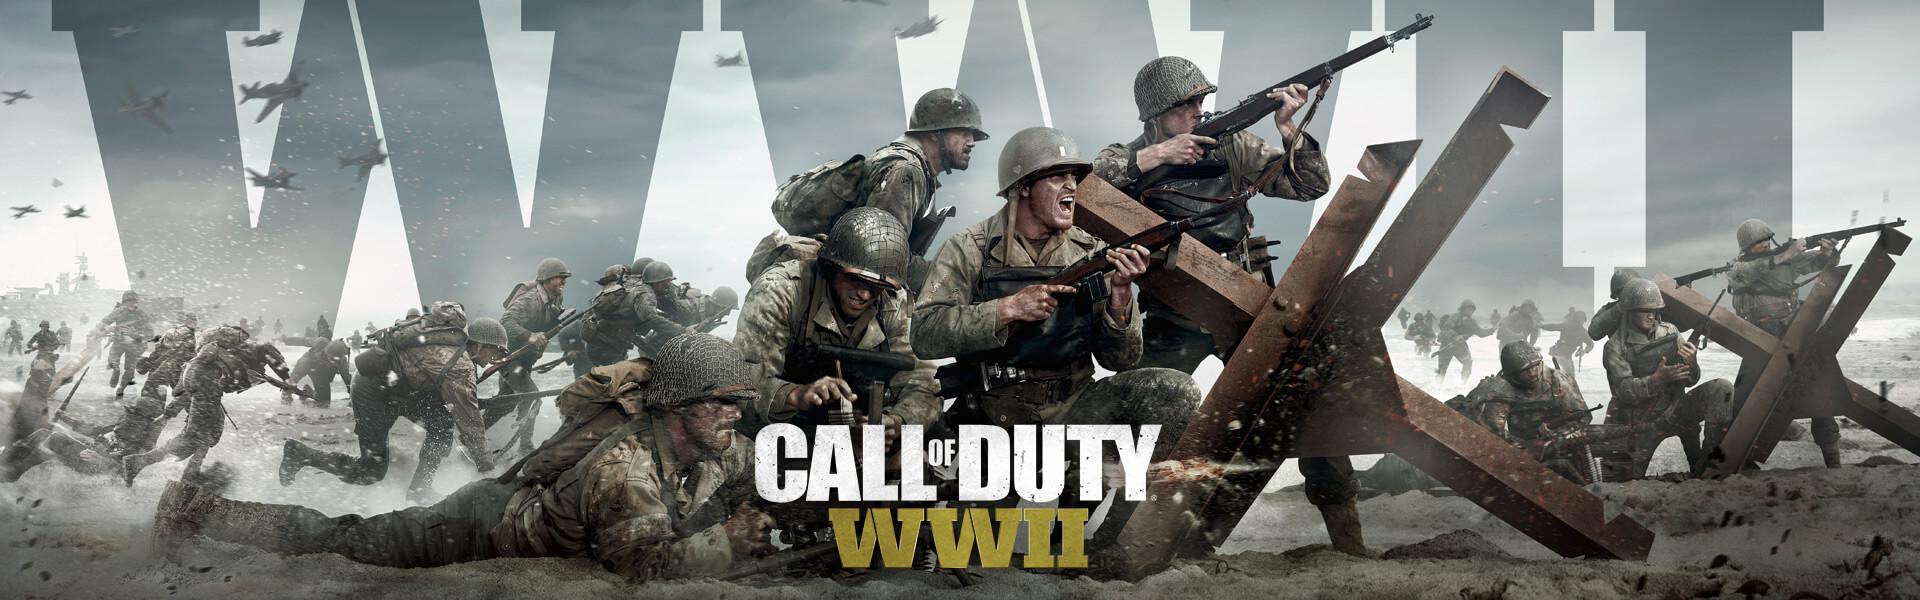 بازی call of duty ww2 xbox one